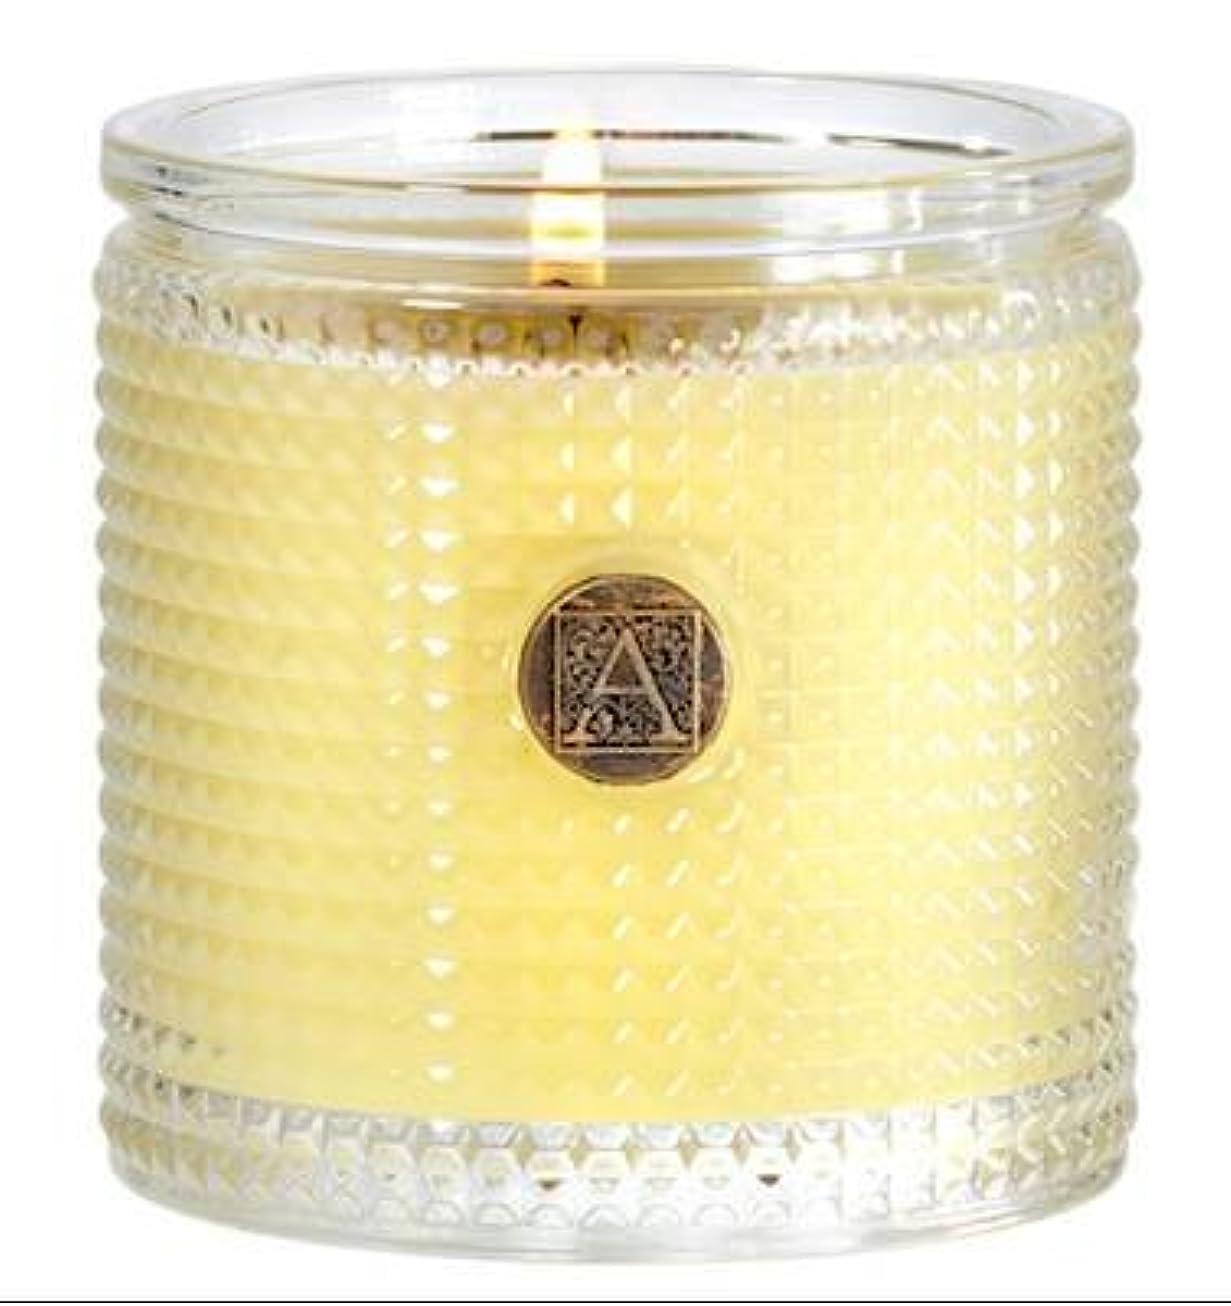 ふりをする仲間、同僚理解するSorbet Textured Glass Candle, 160ml by Aromatique (1)